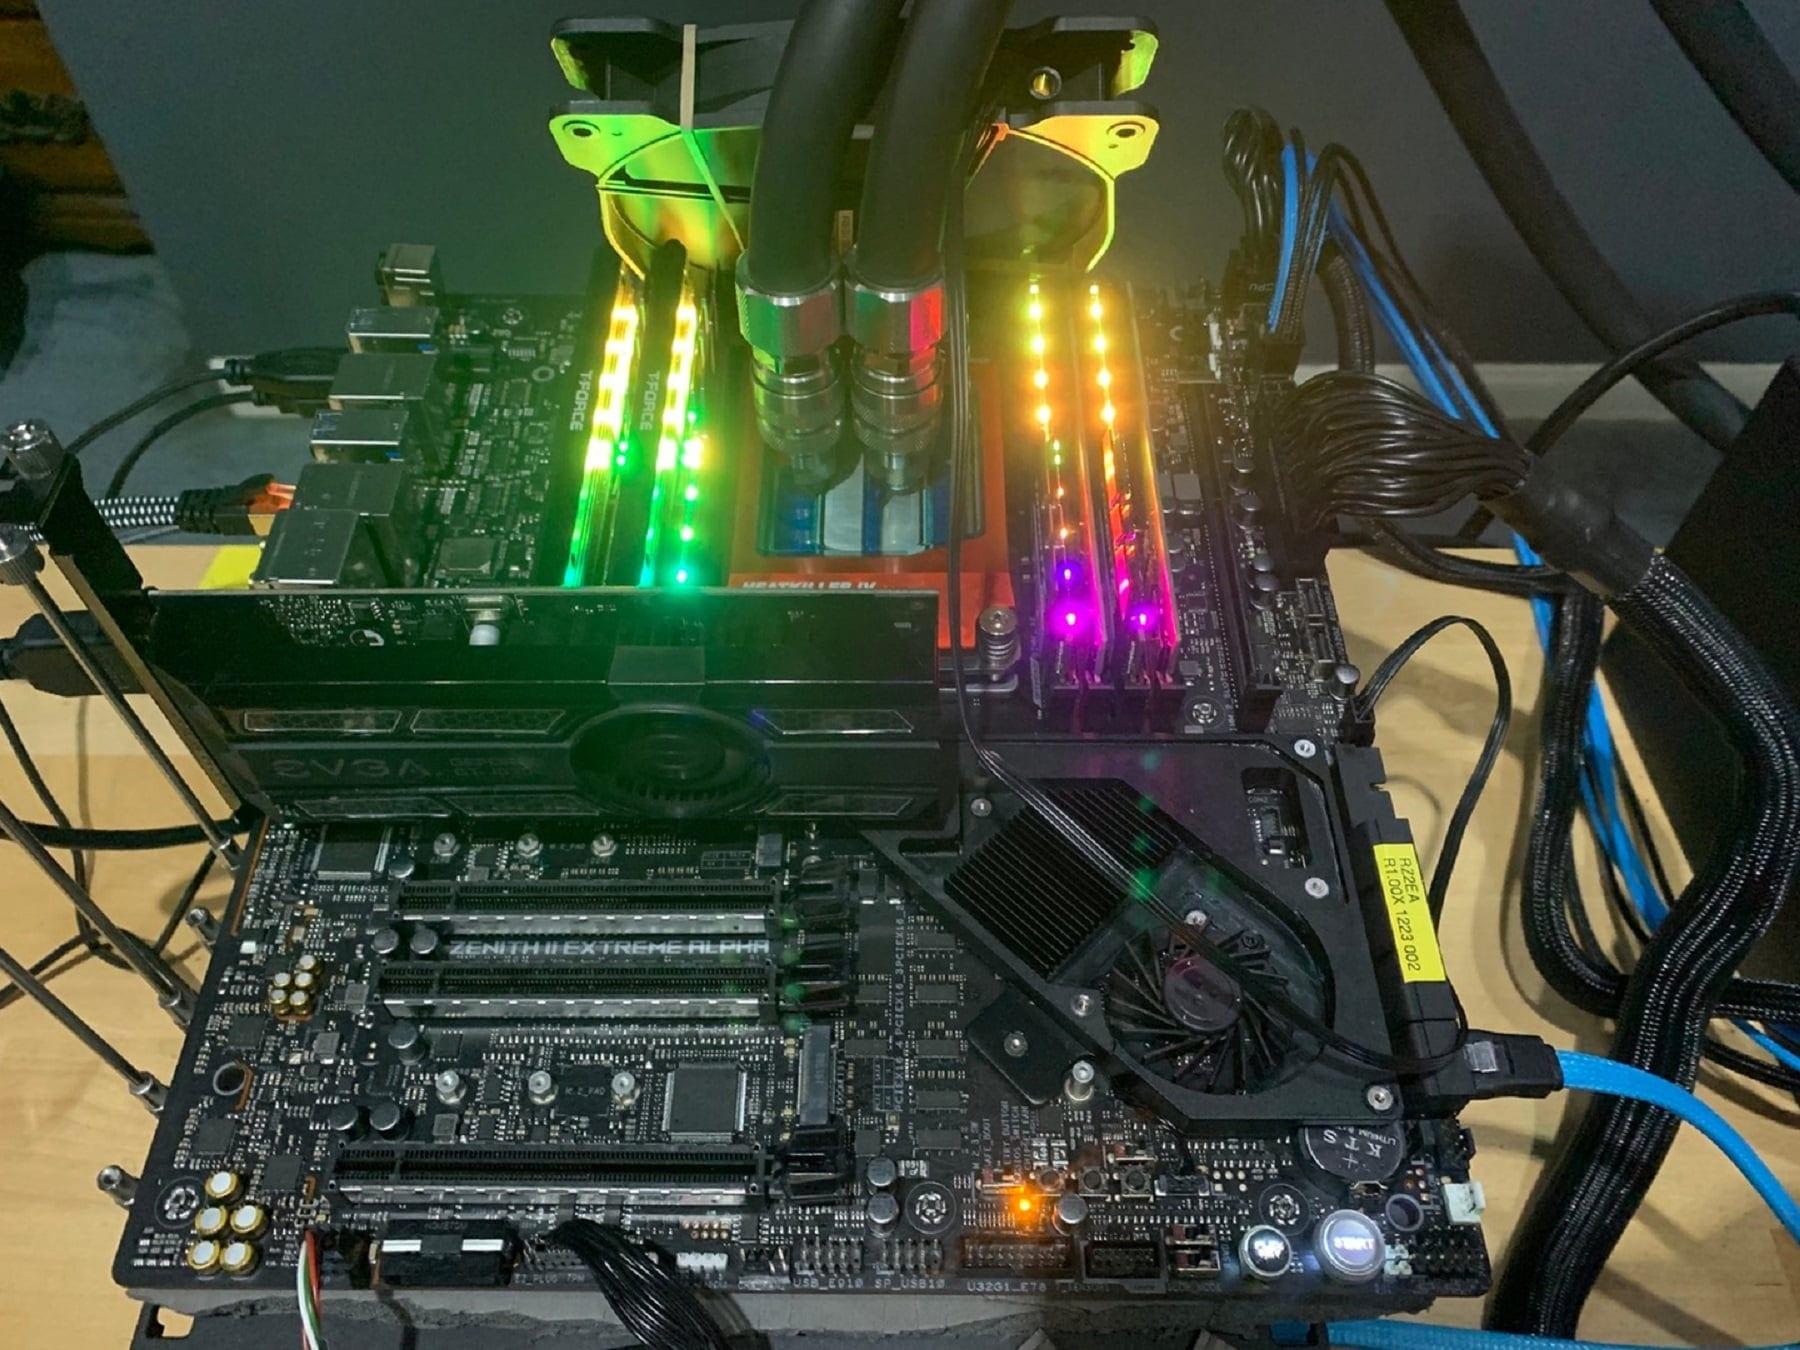 Hardware_Numb3rs заполучил золото в модельном зачете чипа AMD Athlon 3000G